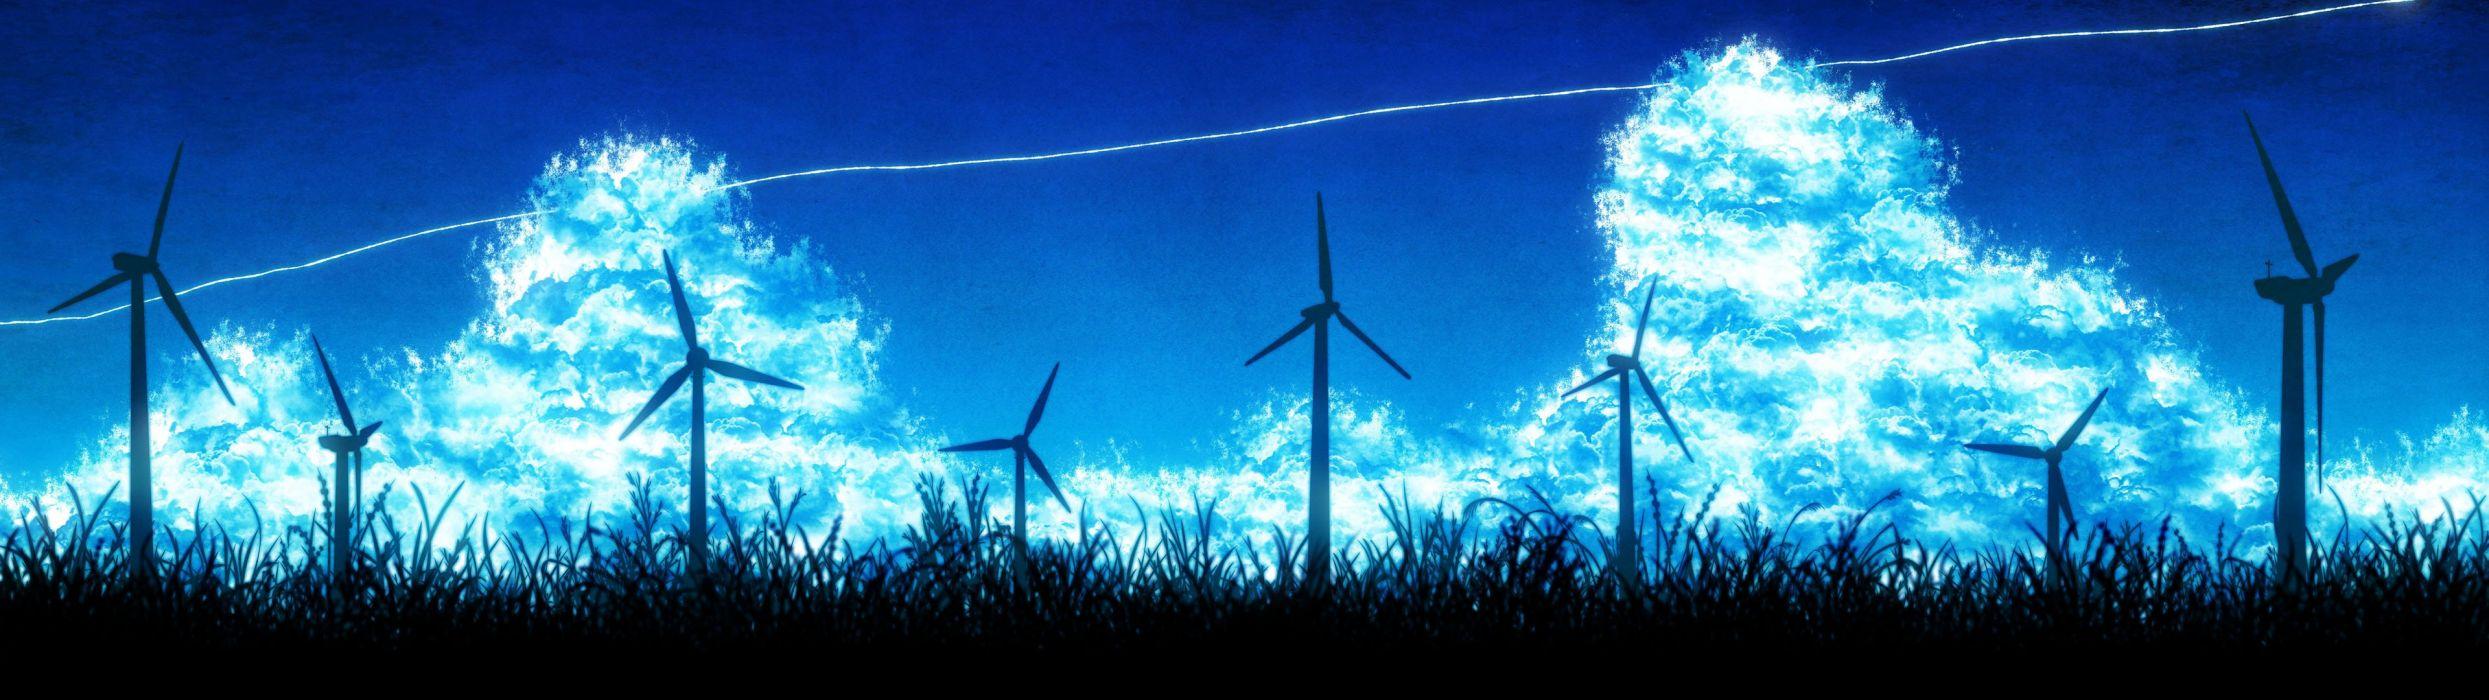 anime scan sky cloud summer grass landscape wallpaper